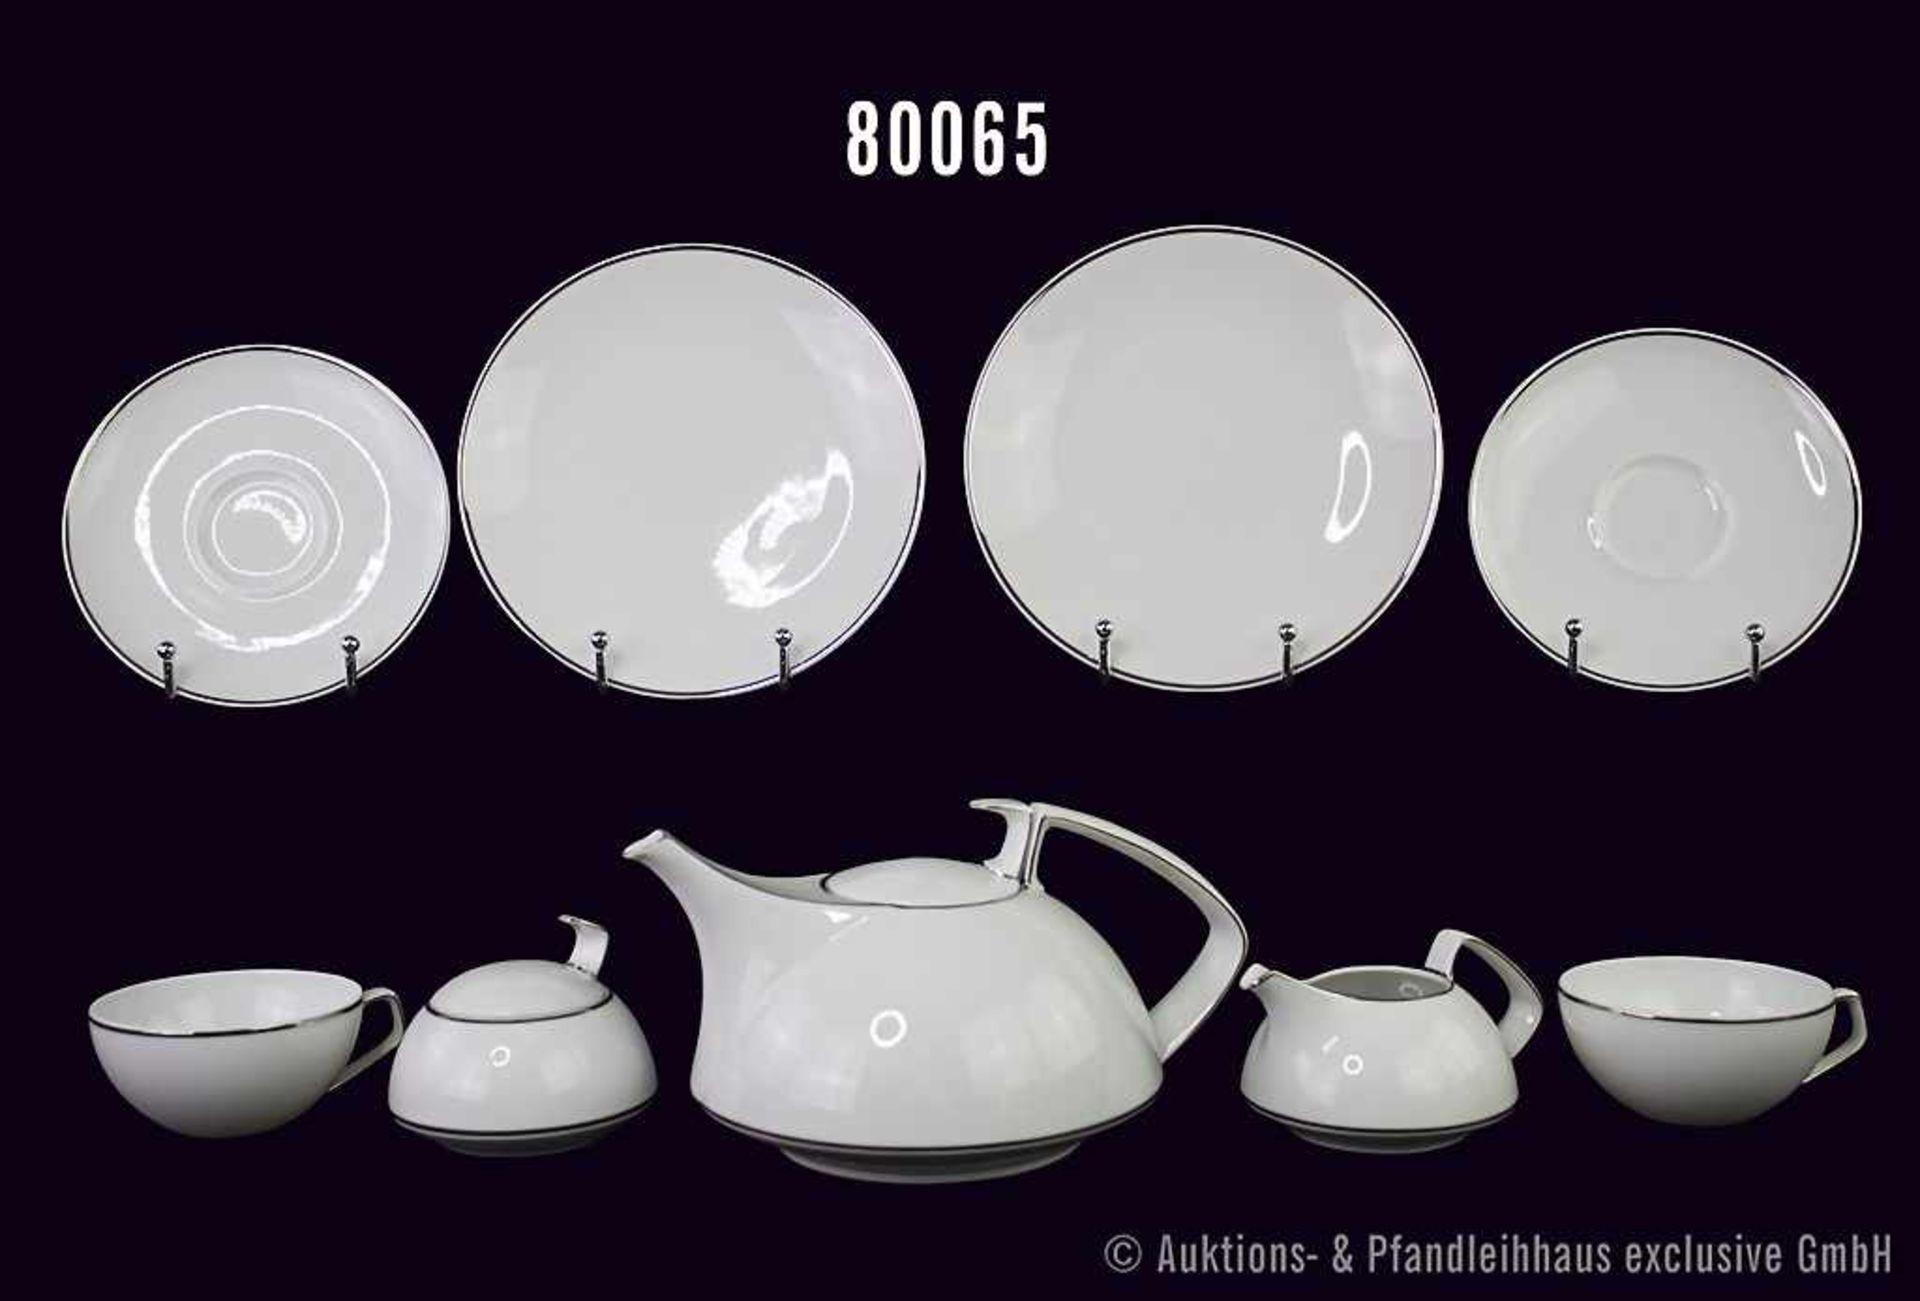 Konv. Rosenthal Porzellan Tee-Service 6-teilig, Form TAC, Dekor mit Silberrand, dabei 1 Teekanne,